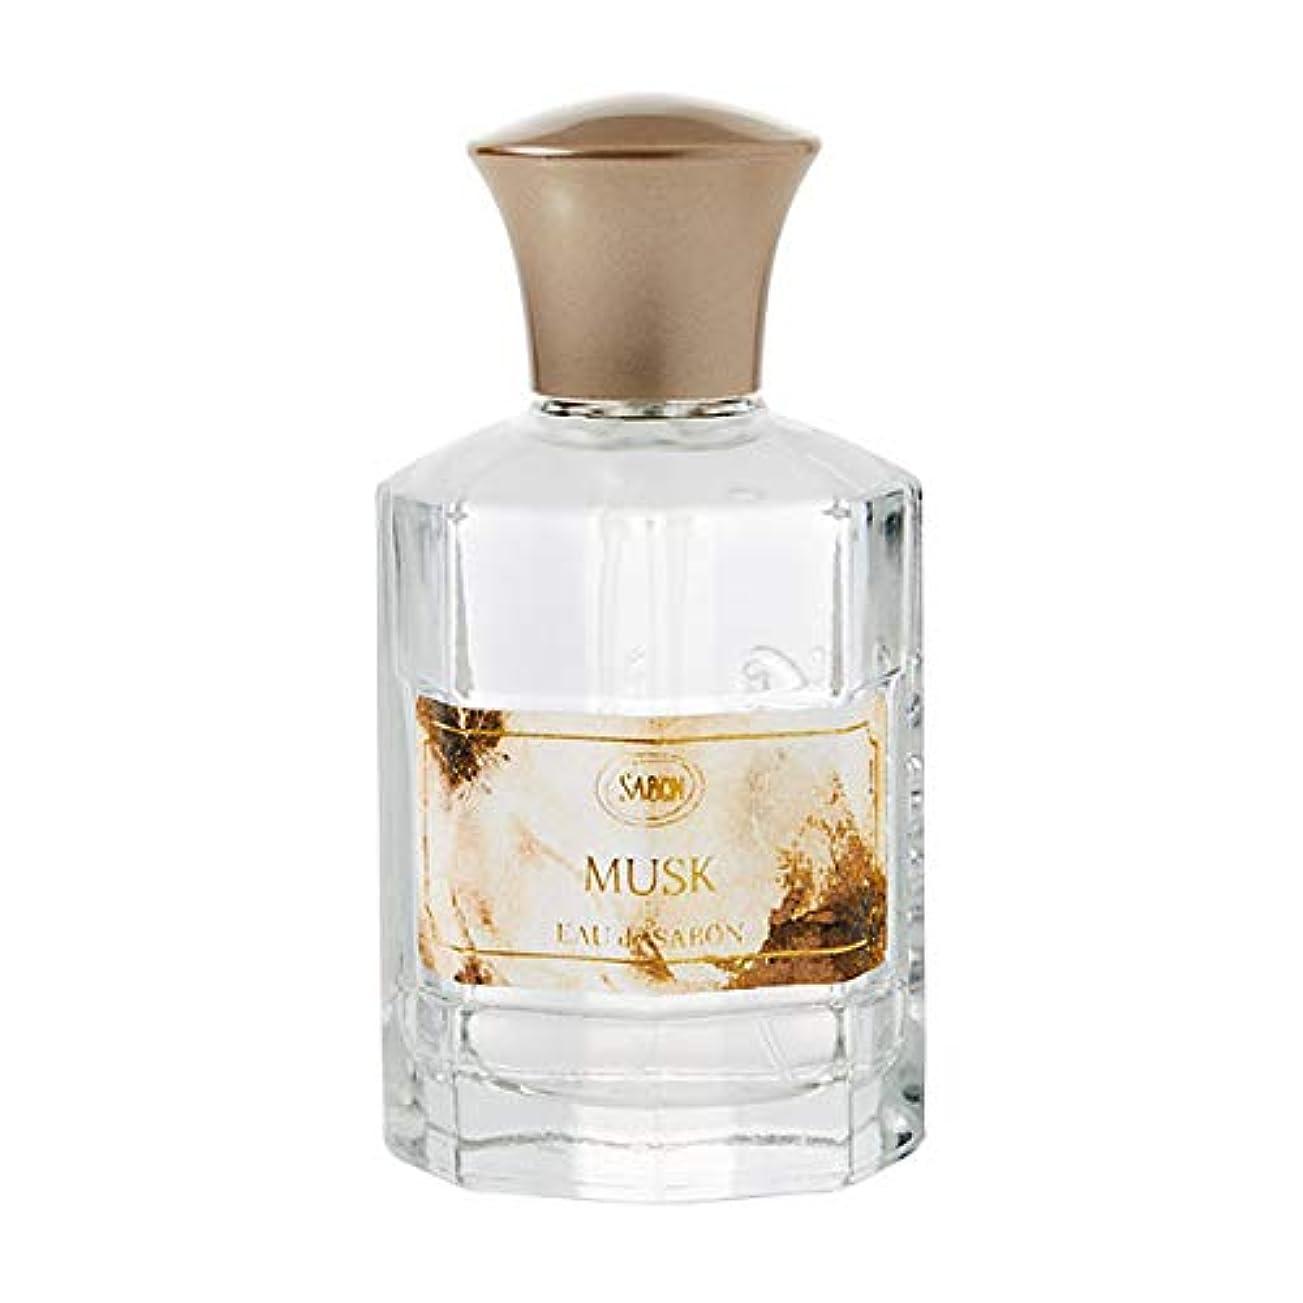 プレビスサイト汚染普及サボン SABON オー ドゥ サボン ムスク ( MUSK ) 80ml オードトワレ フレグランス 香水 パフューム デイリーパフューム